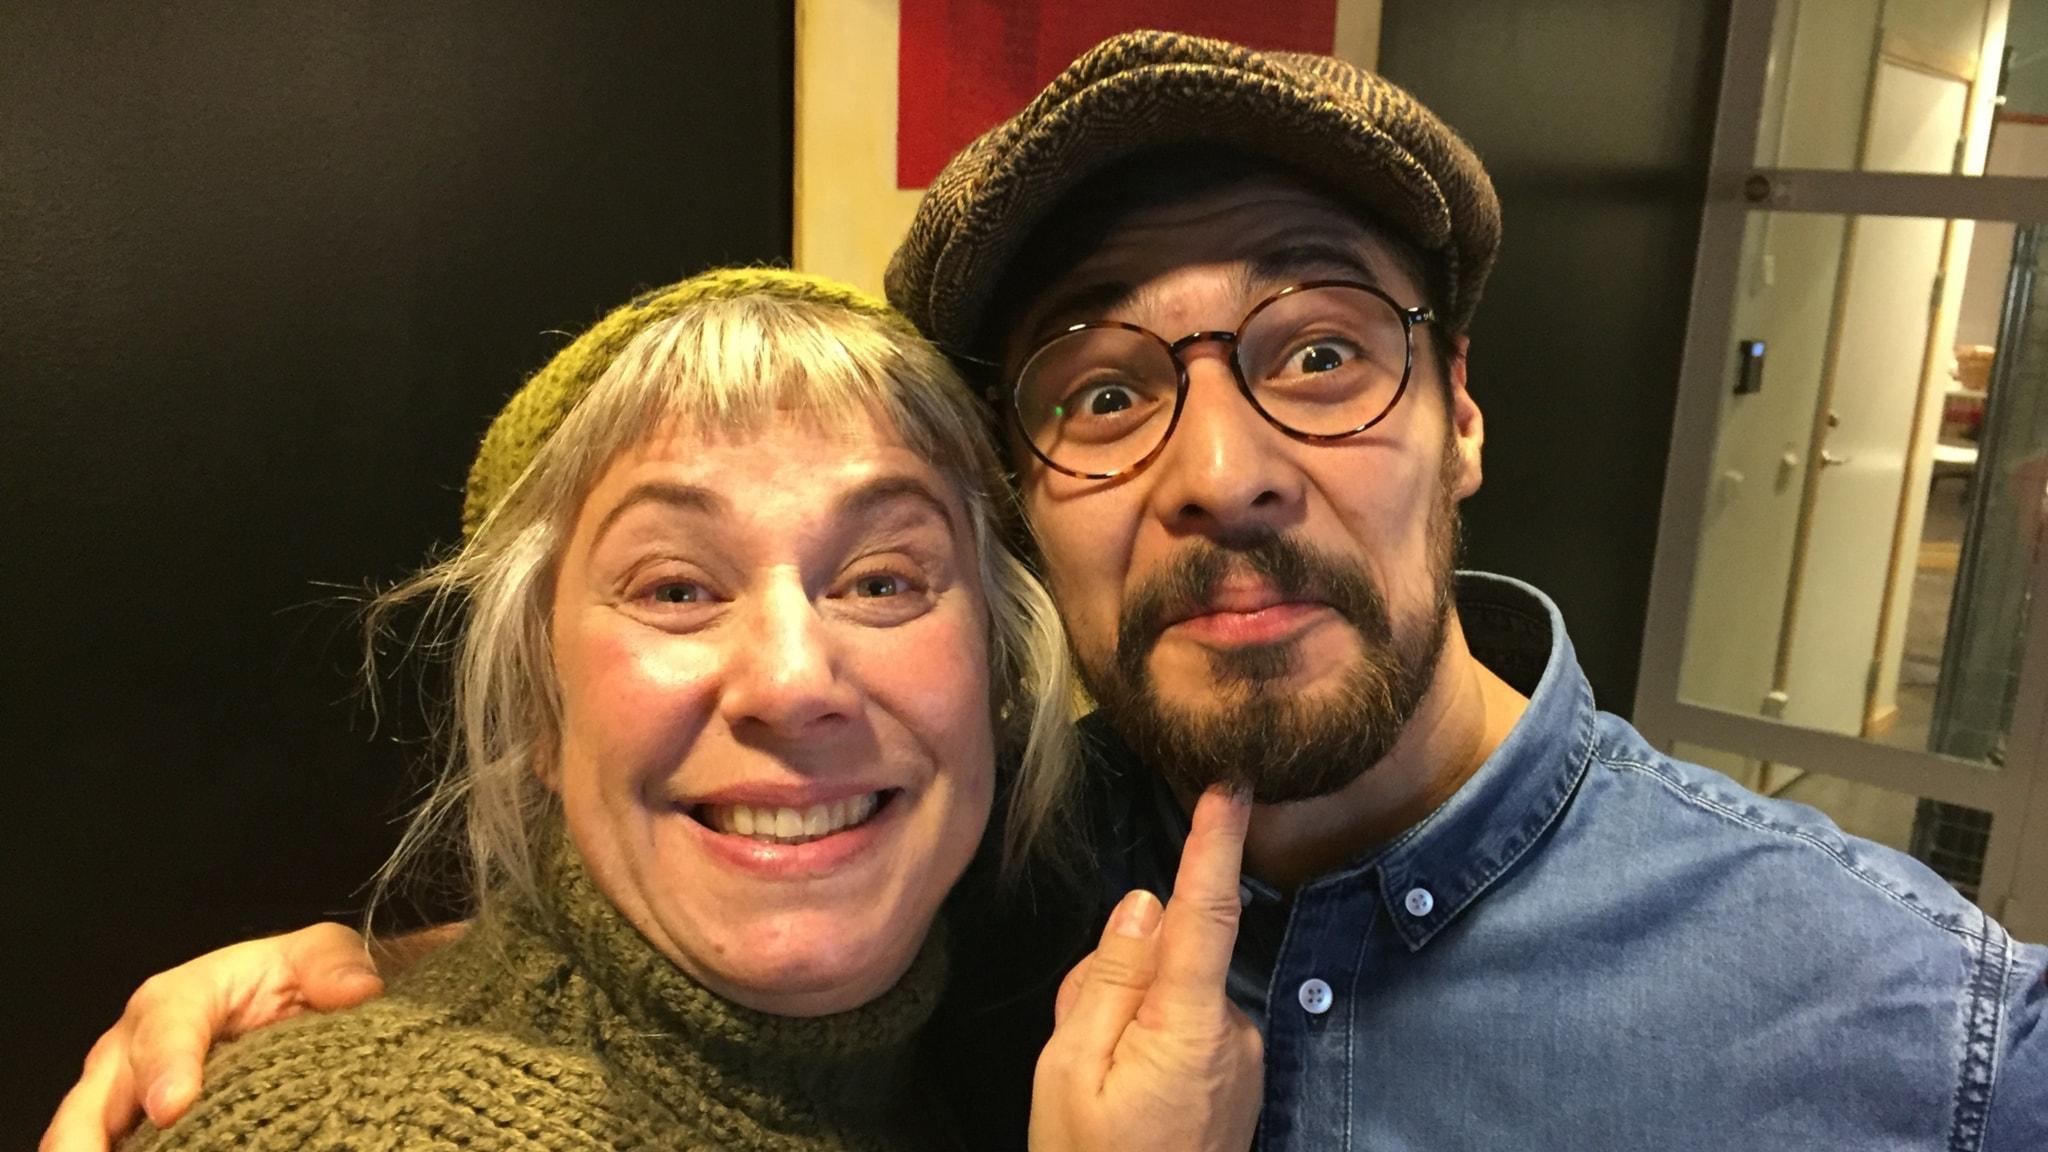 Stina med söndagens gäst Oscar Salazar Aros. Foto: Johanna Fellenius / SR.